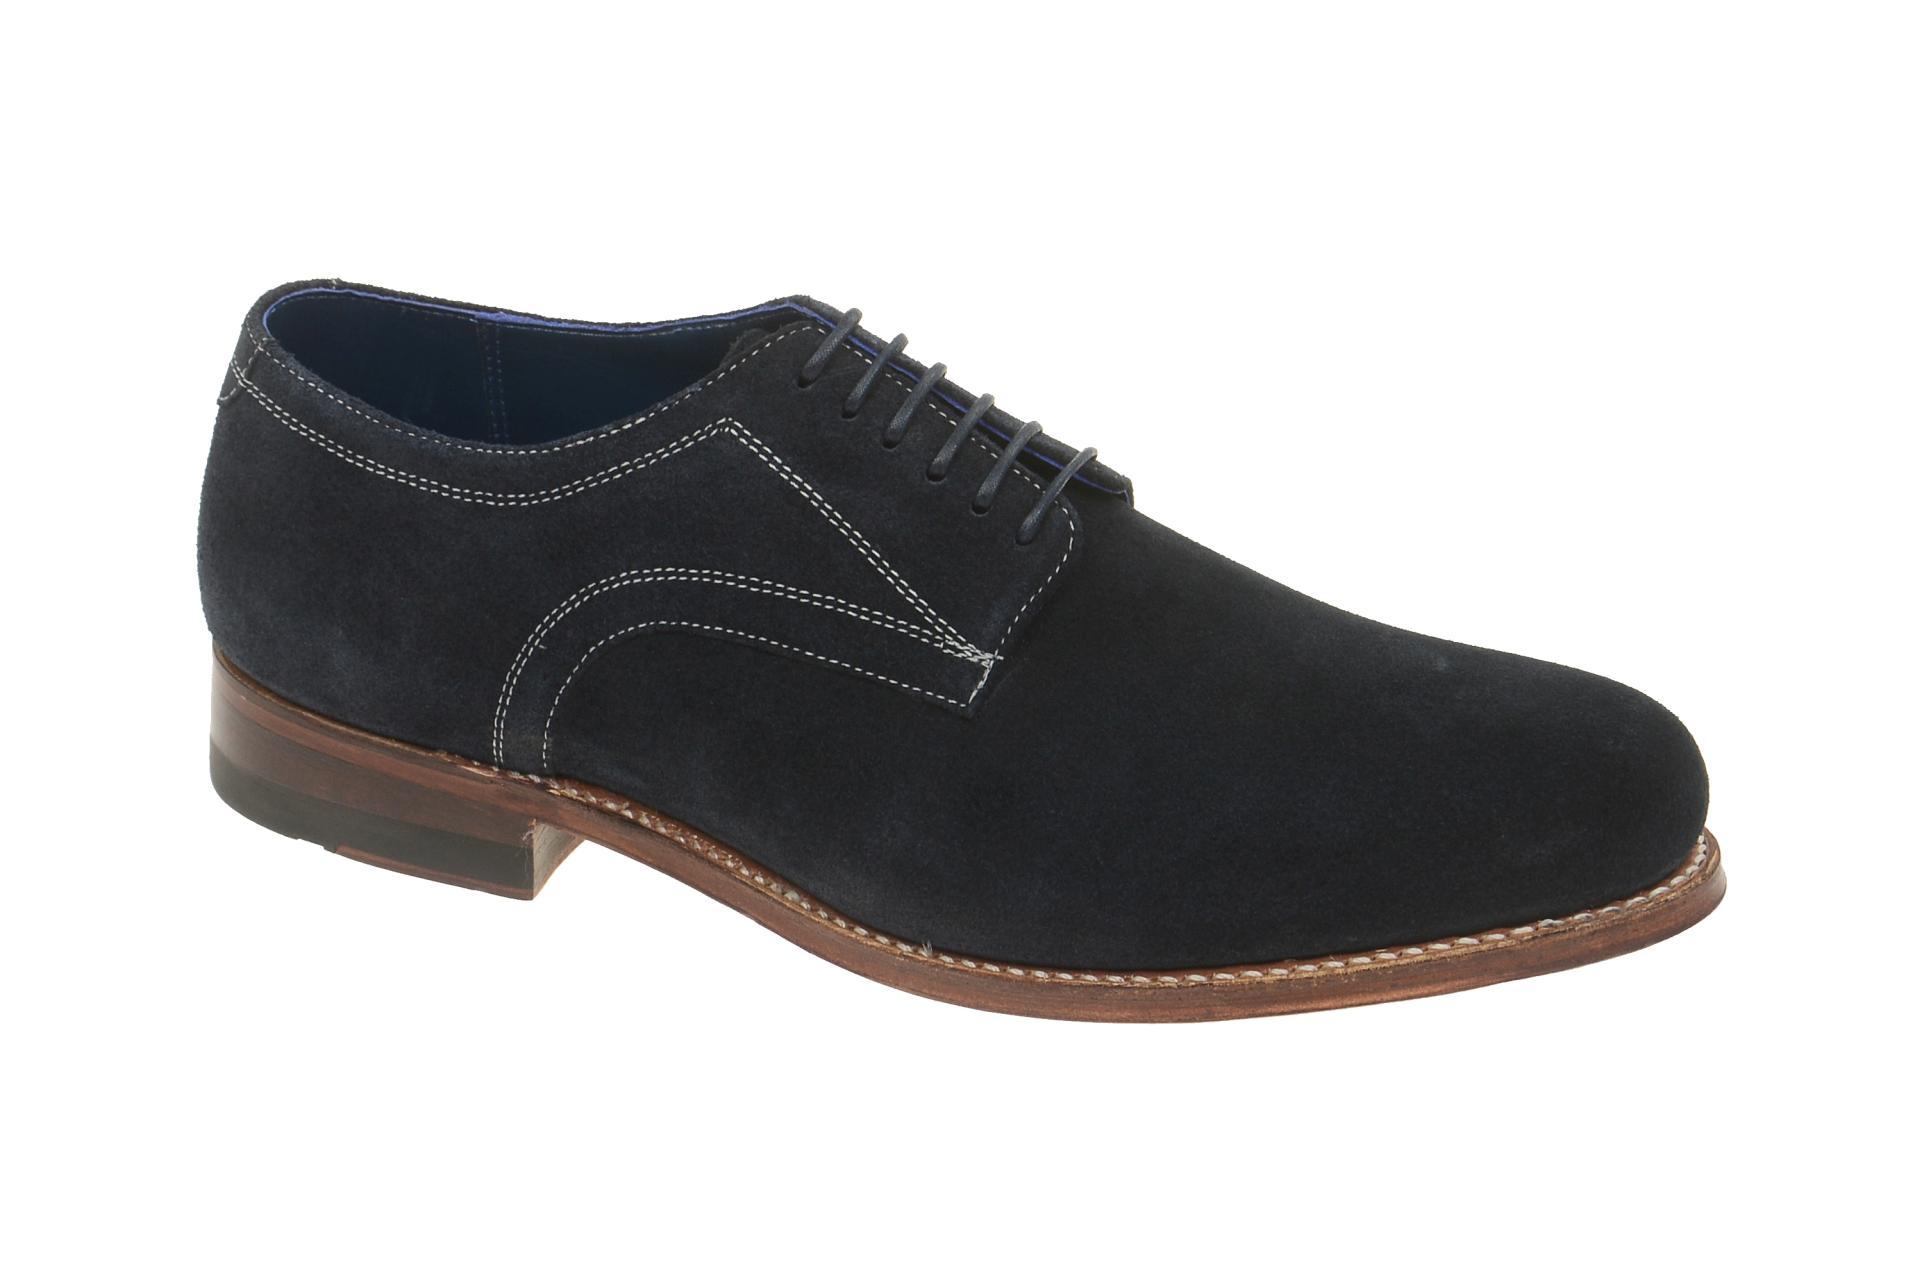 Gordon & Bros. Schuhe Levet blau Velour rahmengenäht 2320 :: Blau - 41 - Männlich - Erwachsene